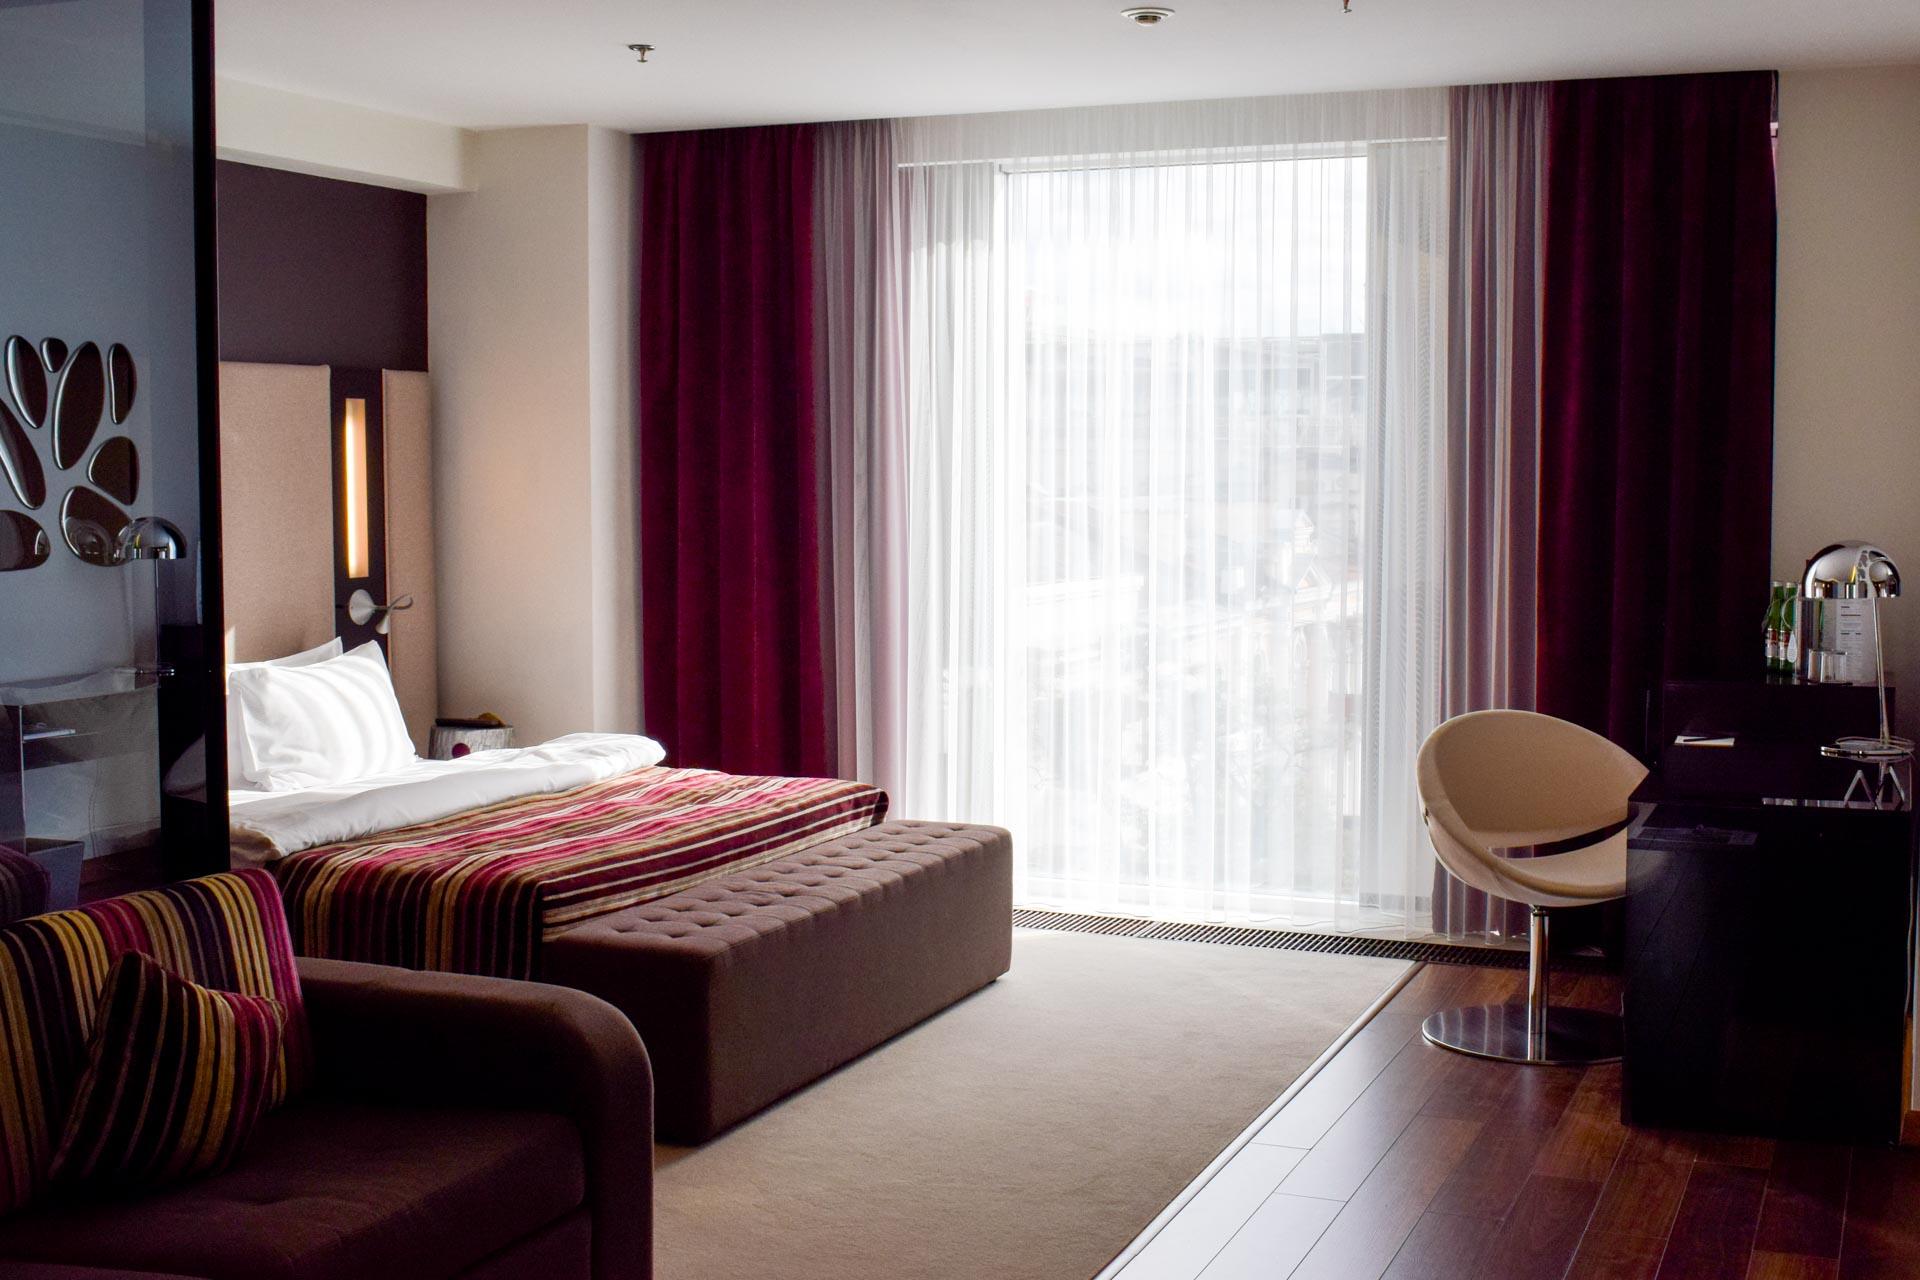 Seulement 49 chambres et suites, un décor léché et un service 5-étoiles en plein centre de Kiev, 11 Mirrors Design Hotel s'impose sans peine comme le boutique-hôtel le plus en vue de Kiev, la capitale ukrainienne. Visite guidée.